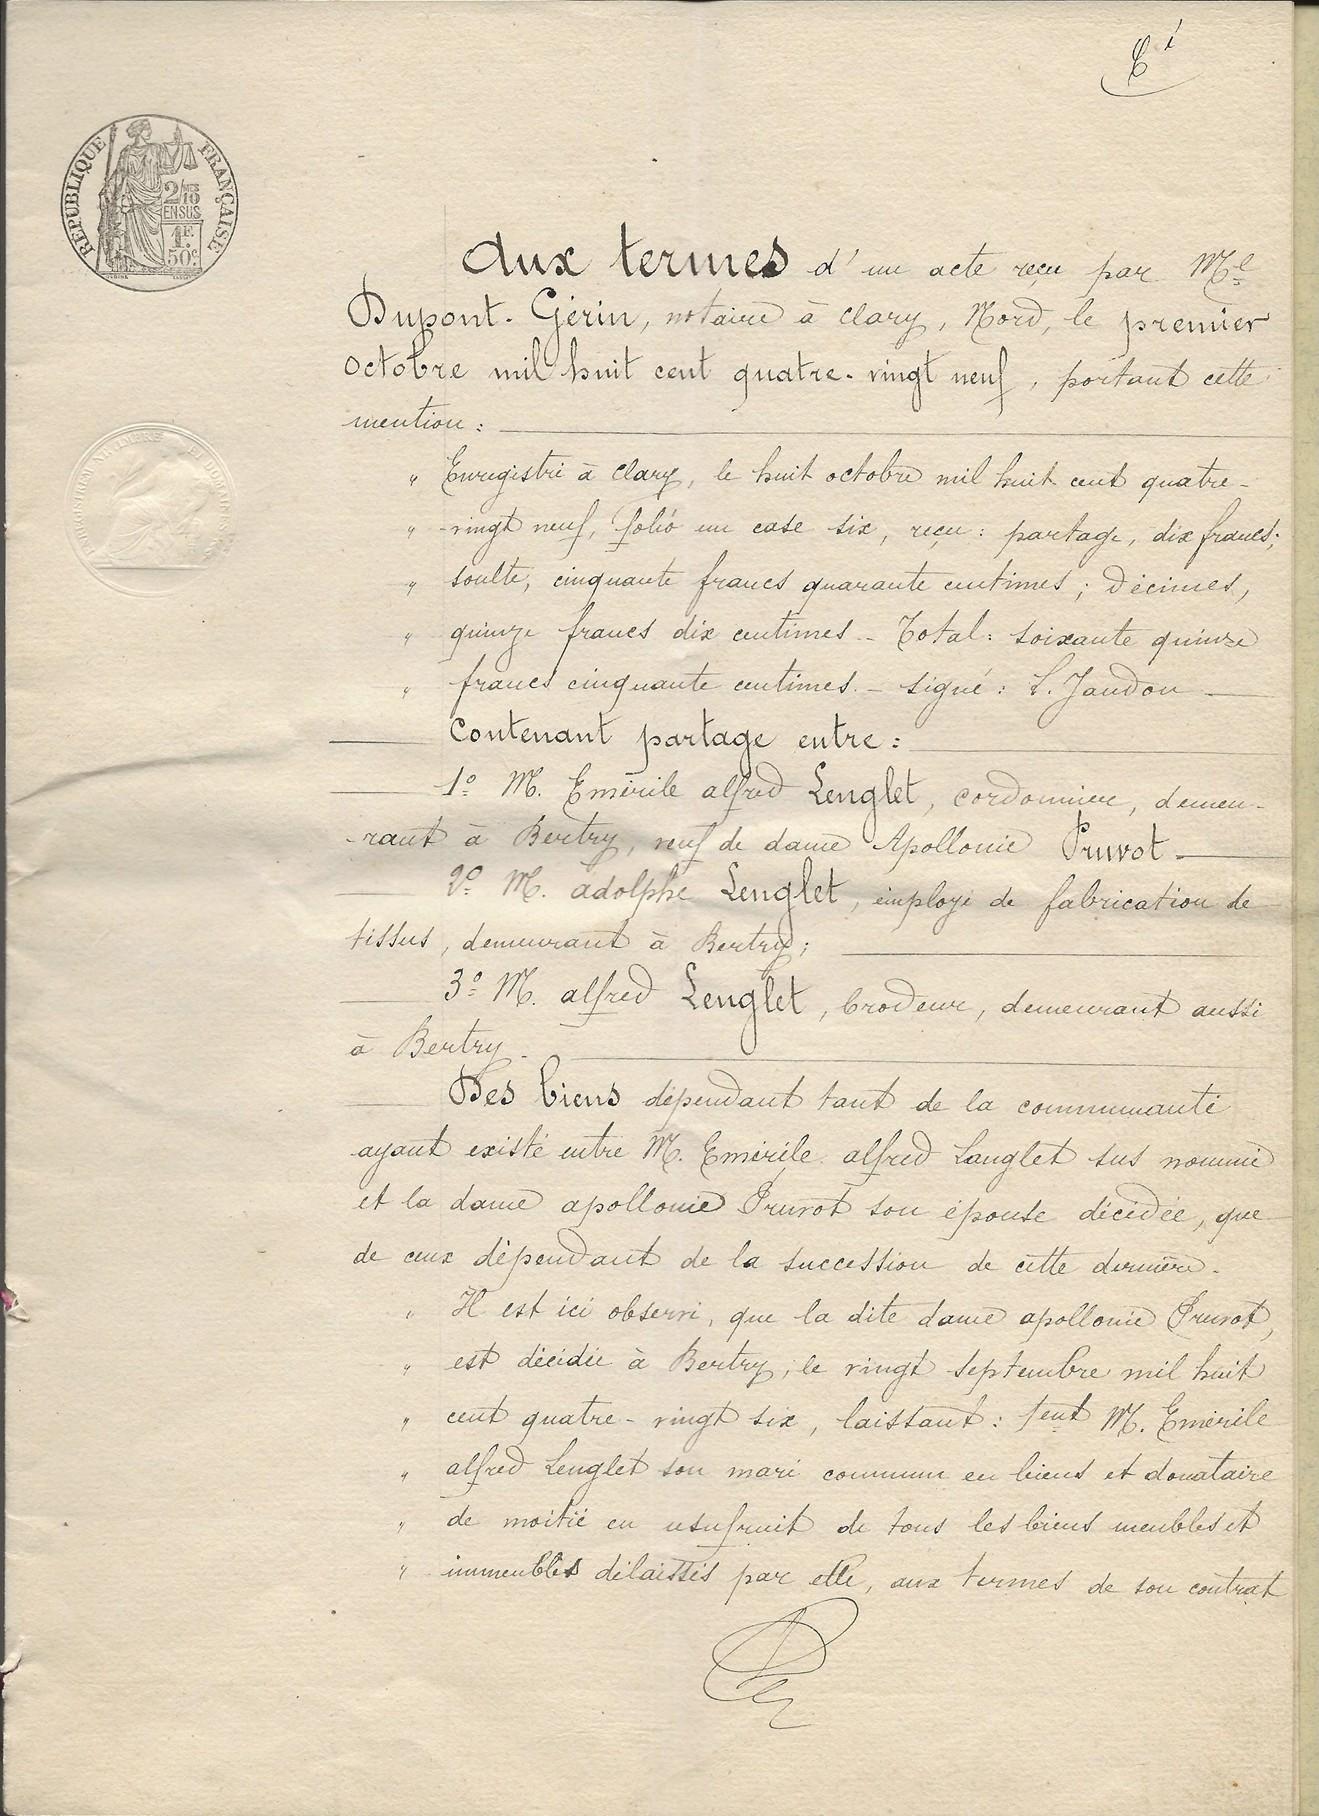 1889 succession de appolonie pruvot epouse lenglet emerile 001